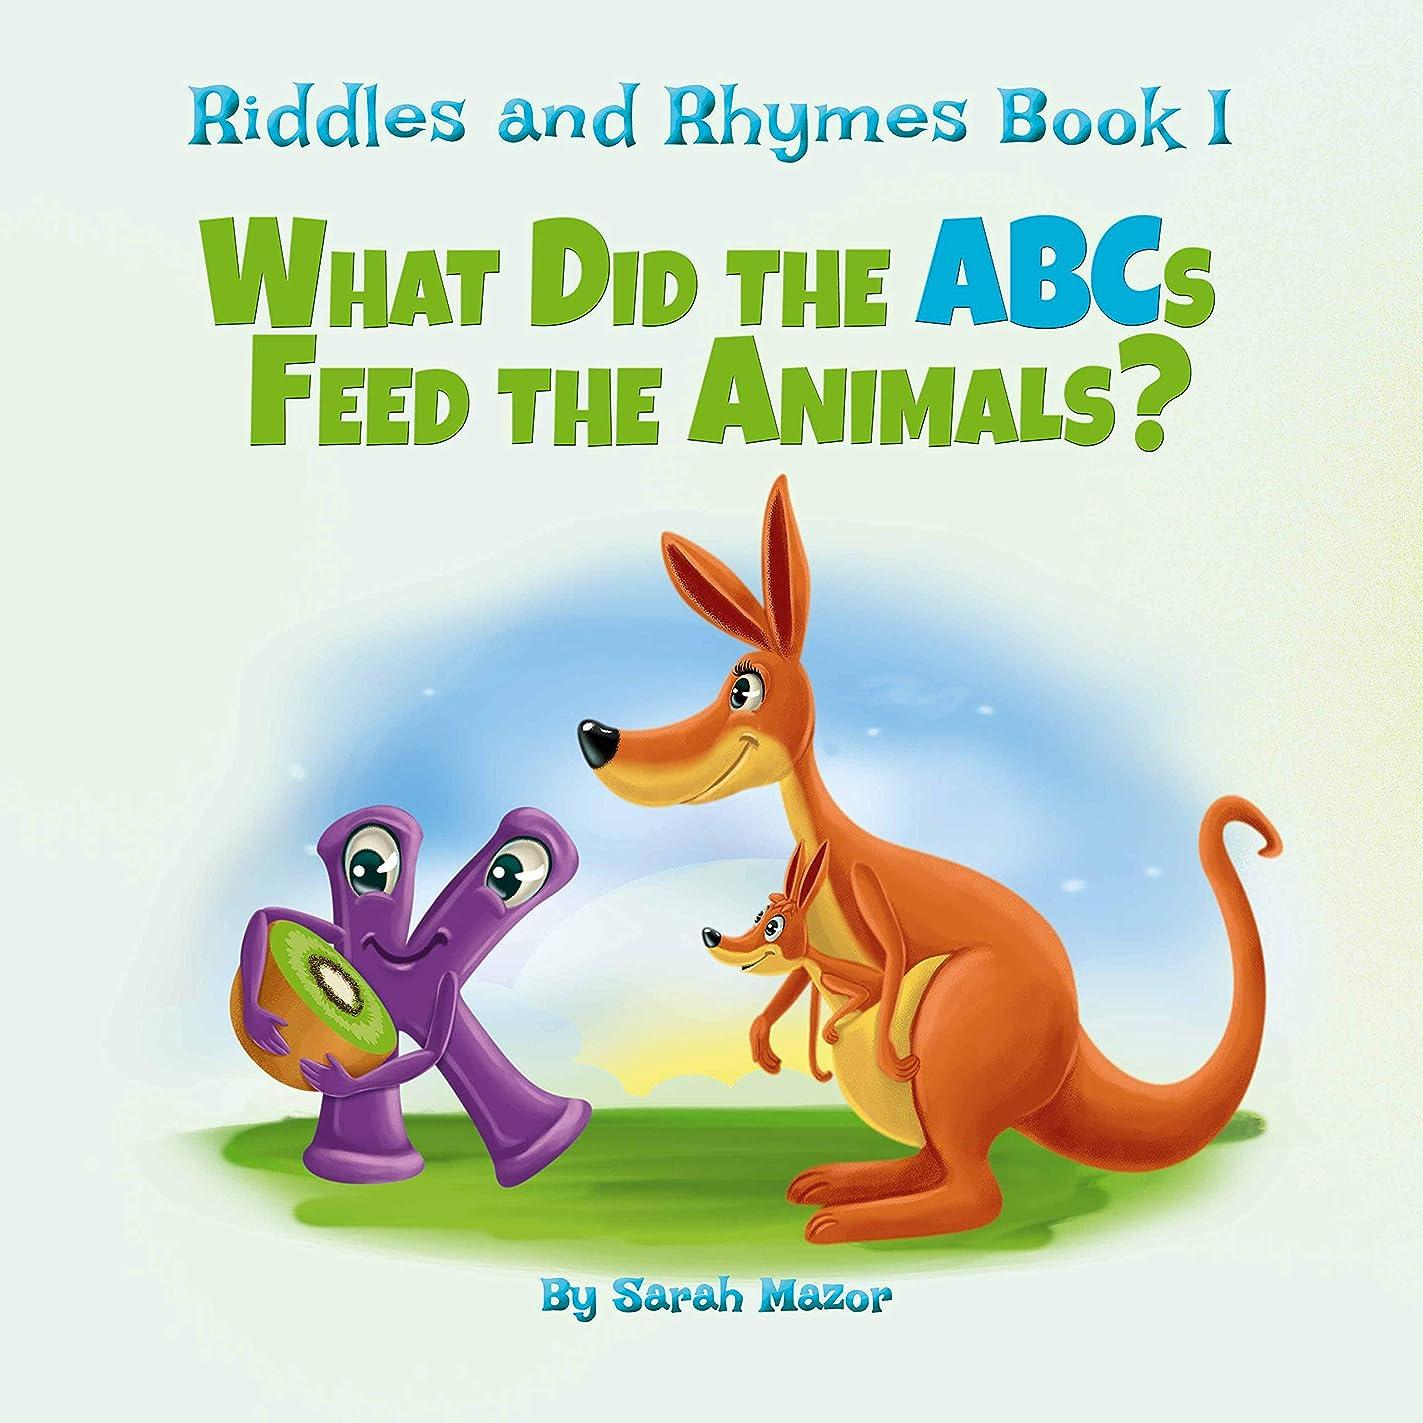 負担ピーク付与Riddles and Rhymes: What Did the ABCs Feed the Animals: Bedtime with a Smile Picture Books (Get Smarter While Having Fun Book 1) (English Edition)